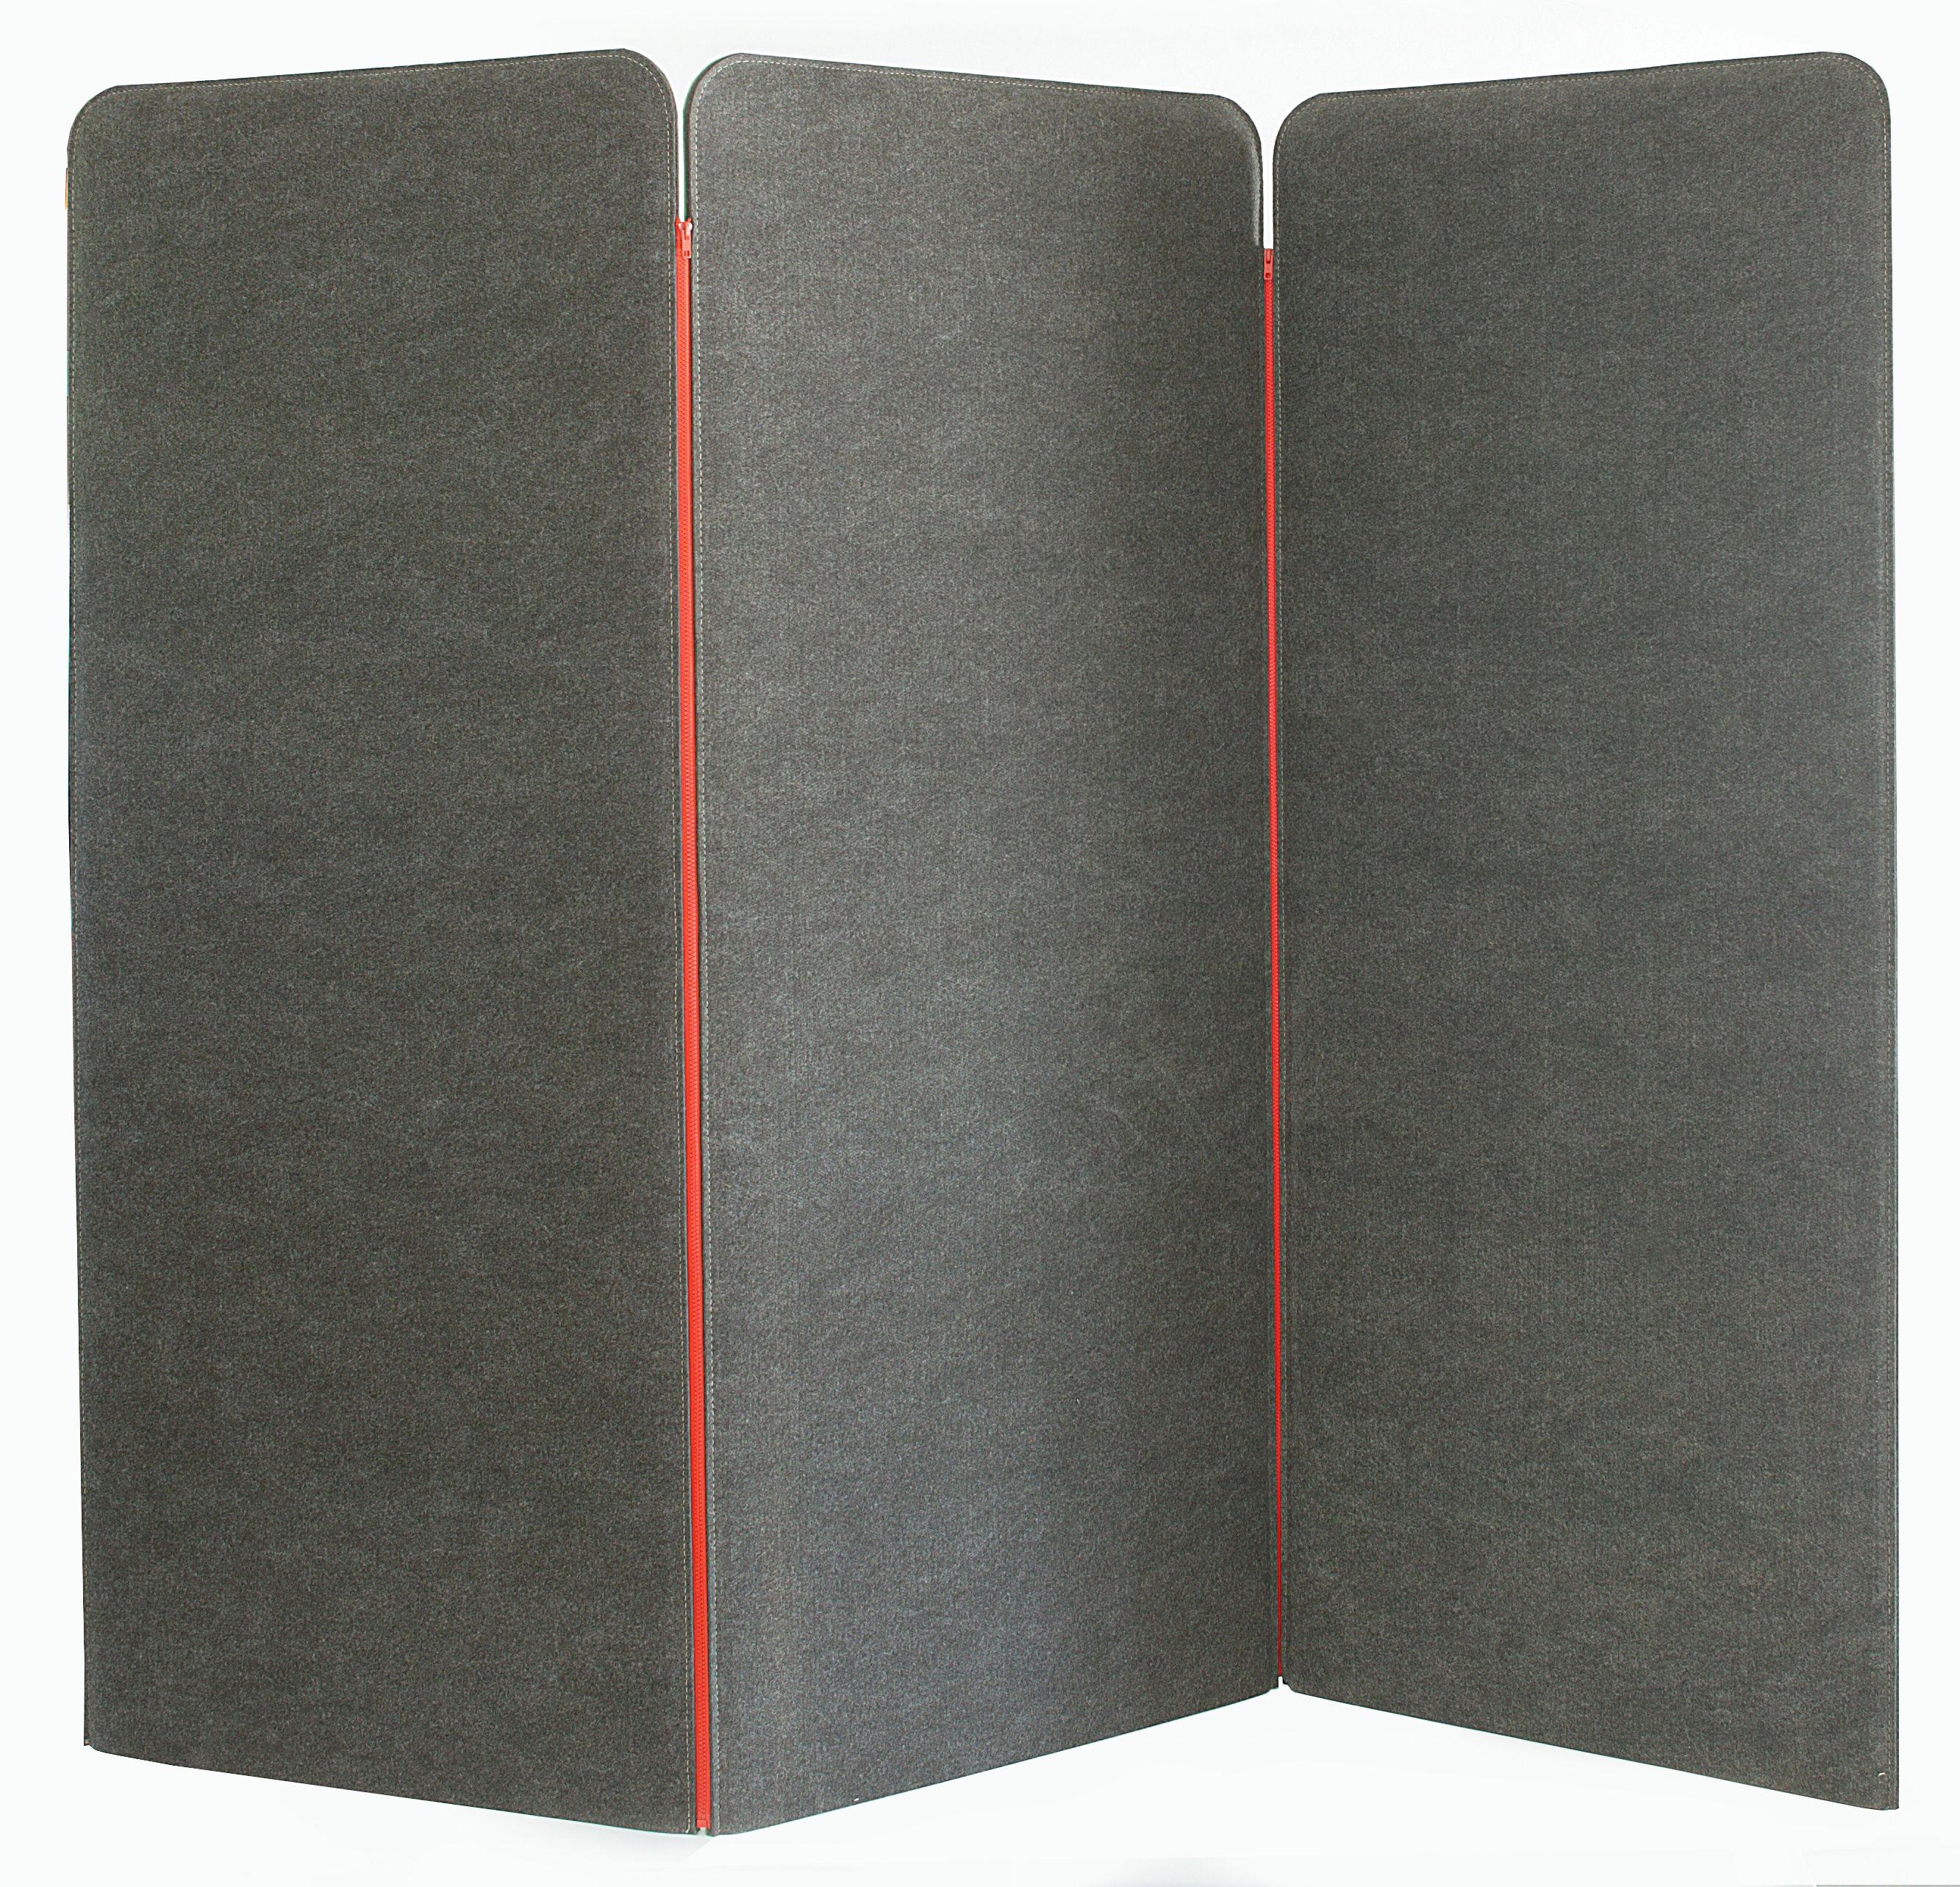 paravent buzziscreen acoustique 3 panneaux gris buzzispace. Black Bedroom Furniture Sets. Home Design Ideas